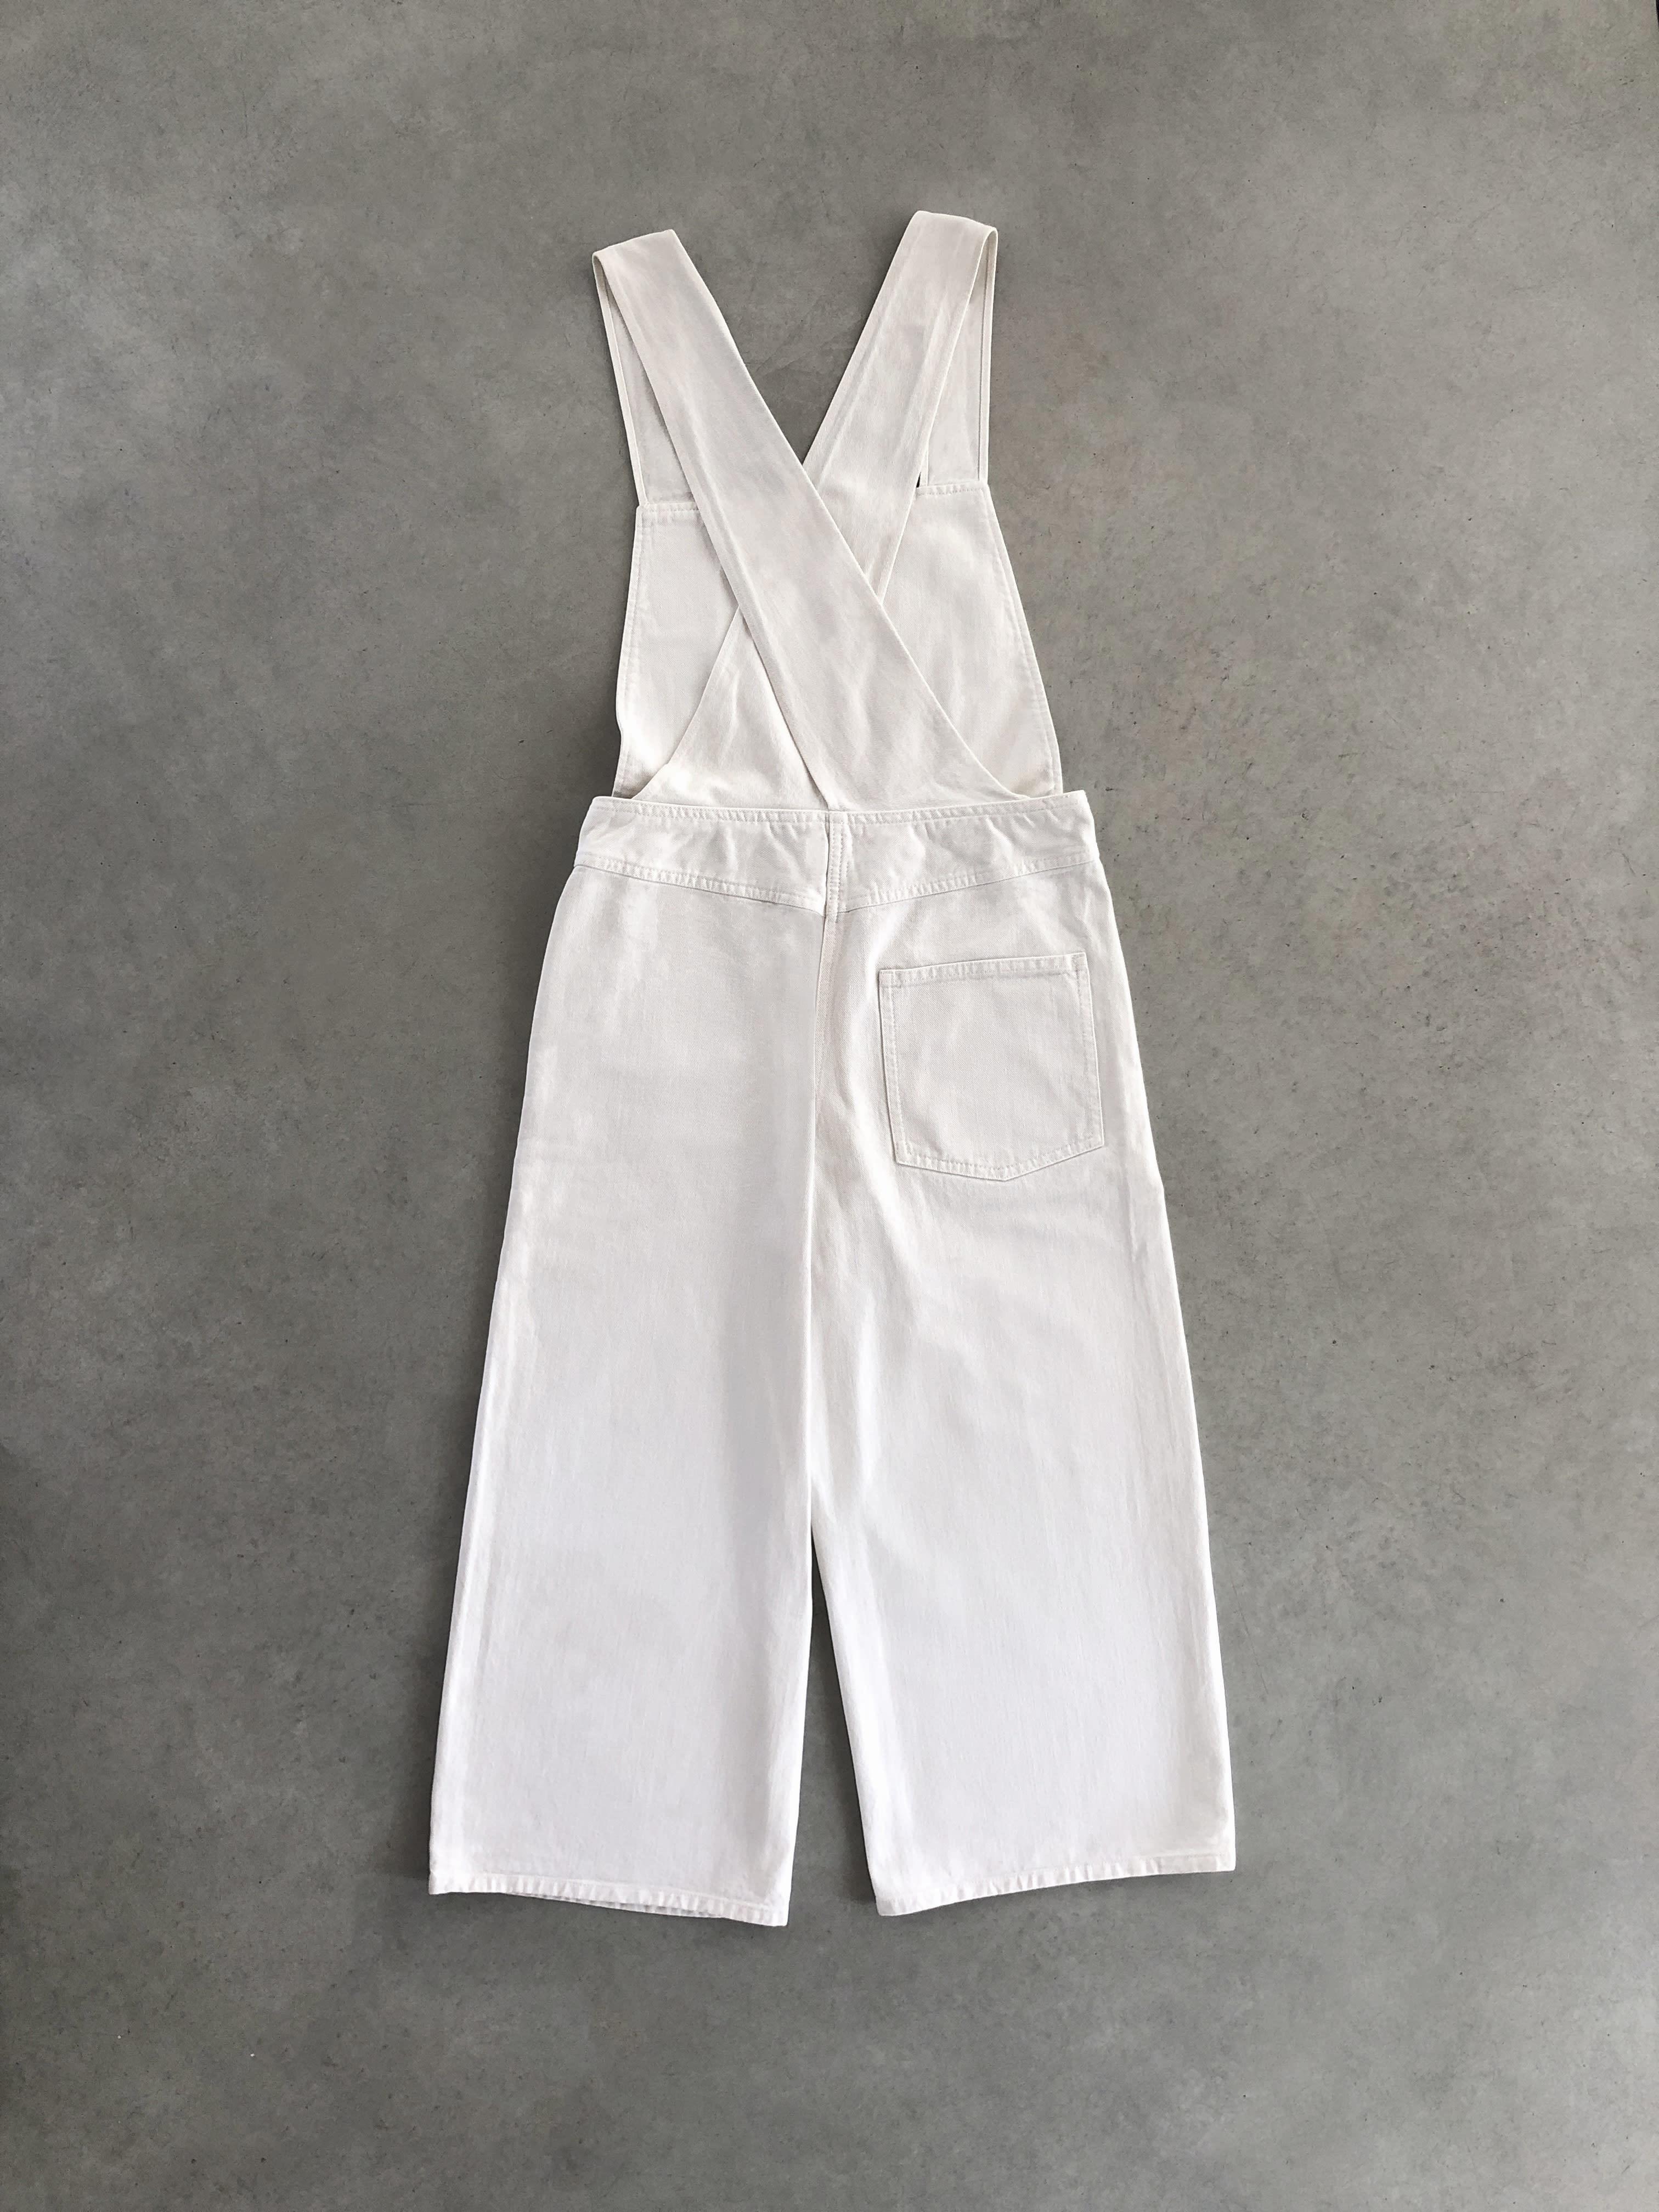 Packshot du produit Salopette en Denim Blanc de la catégorie Pantalons & Combis